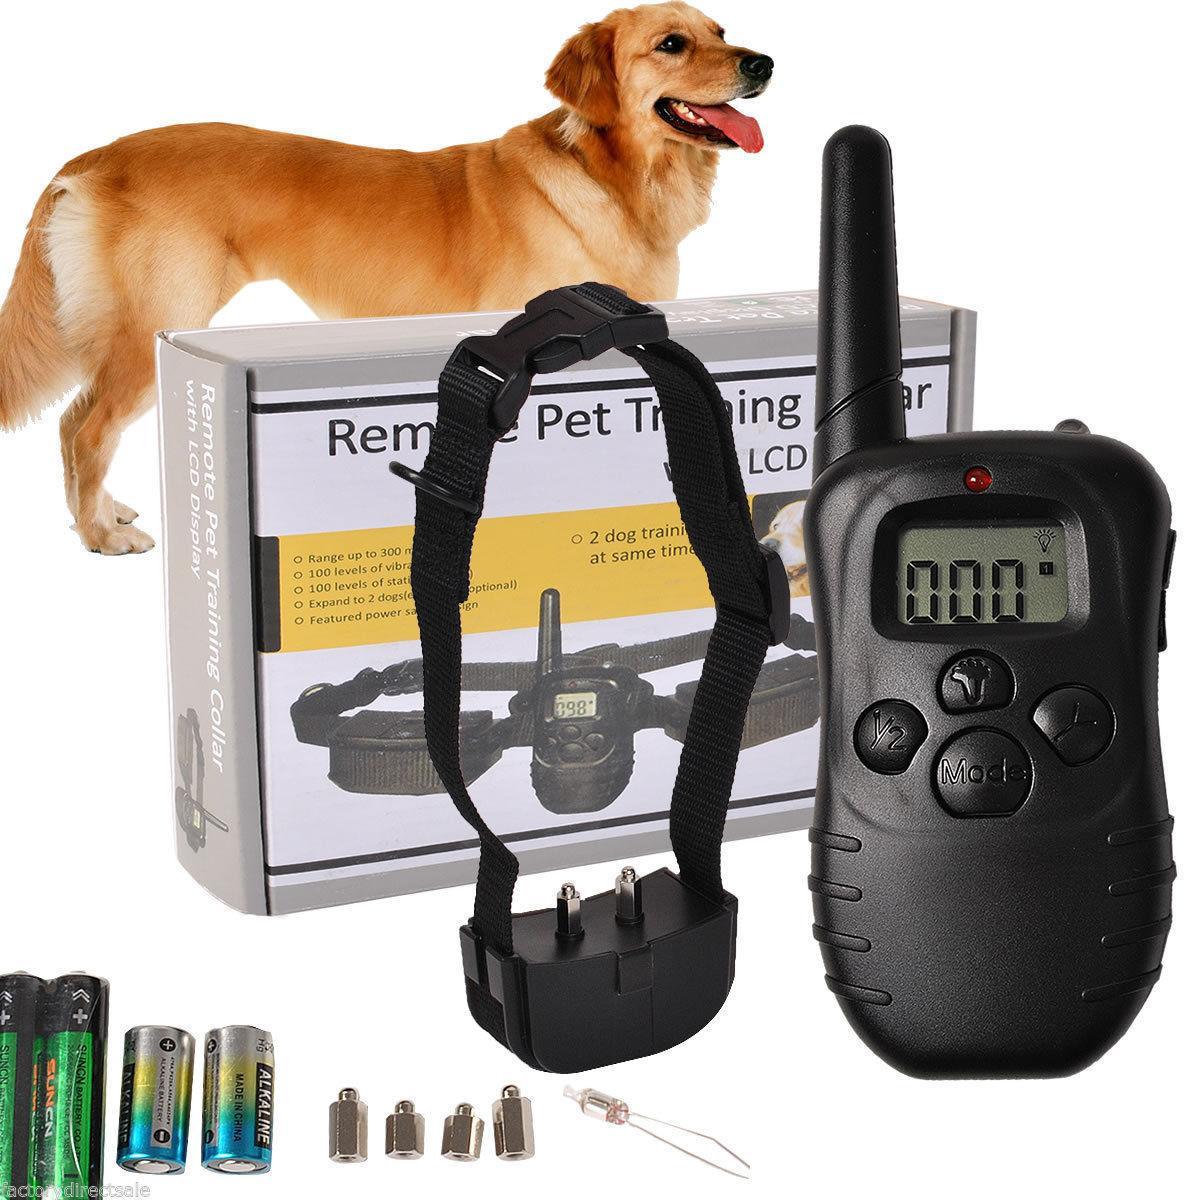 وقف نباح الشركات المصنعة للأجهزة، وتجارة الجملة إمدادات الحيوانات الأليفة التحكم عن بعد توقف النباح نباح التدريب على مكافحة شاشات الكريستال السائل يمارس التدريب توقف الكلب